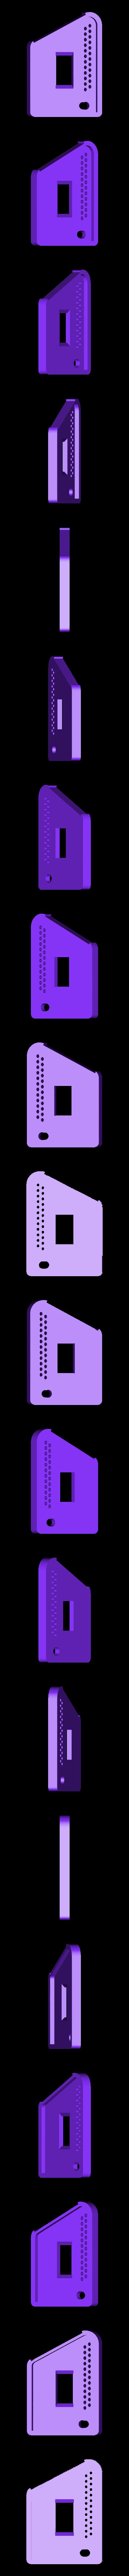 case_left.STL Télécharger fichier STL gratuit Gobelet rotatif • Plan à imprimer en 3D, perinski